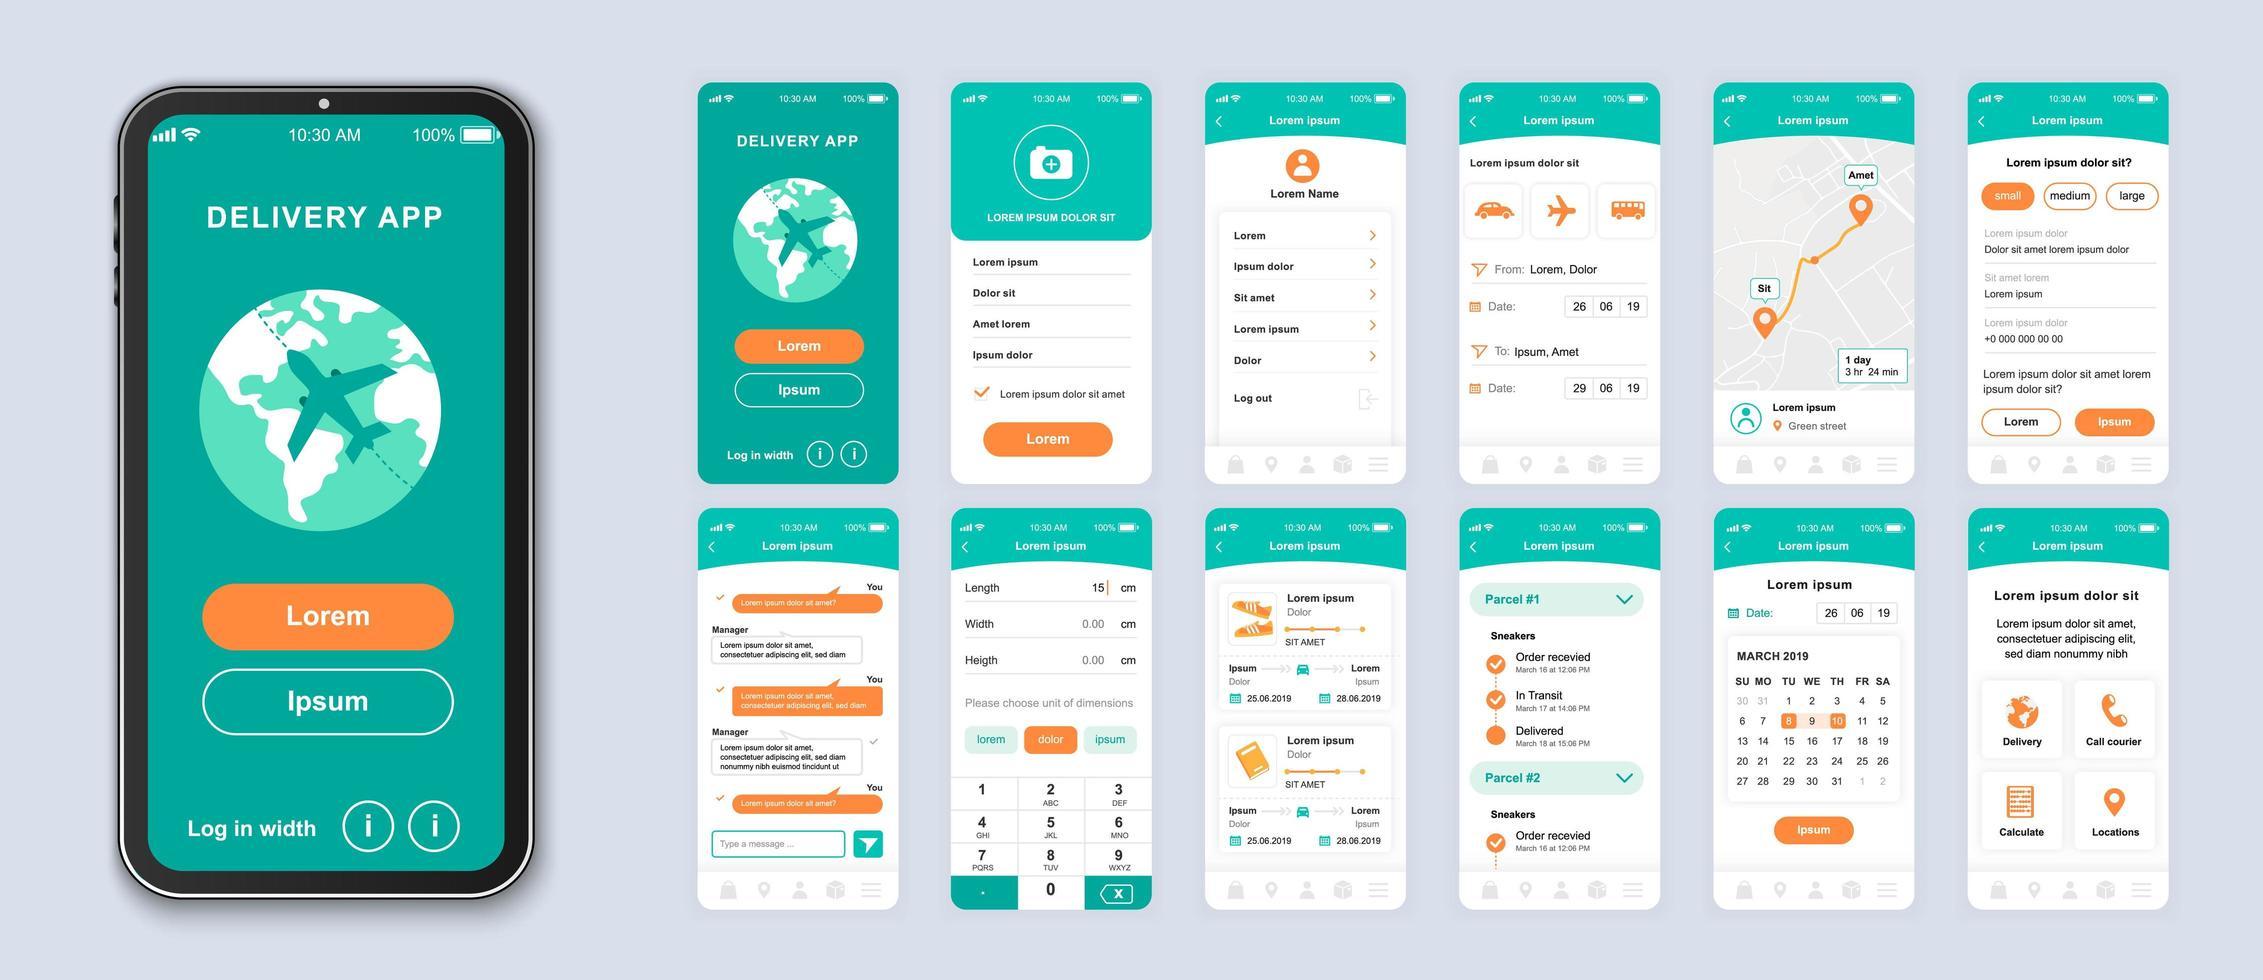 interface de smartphone ui livraison verte et orange vecteur